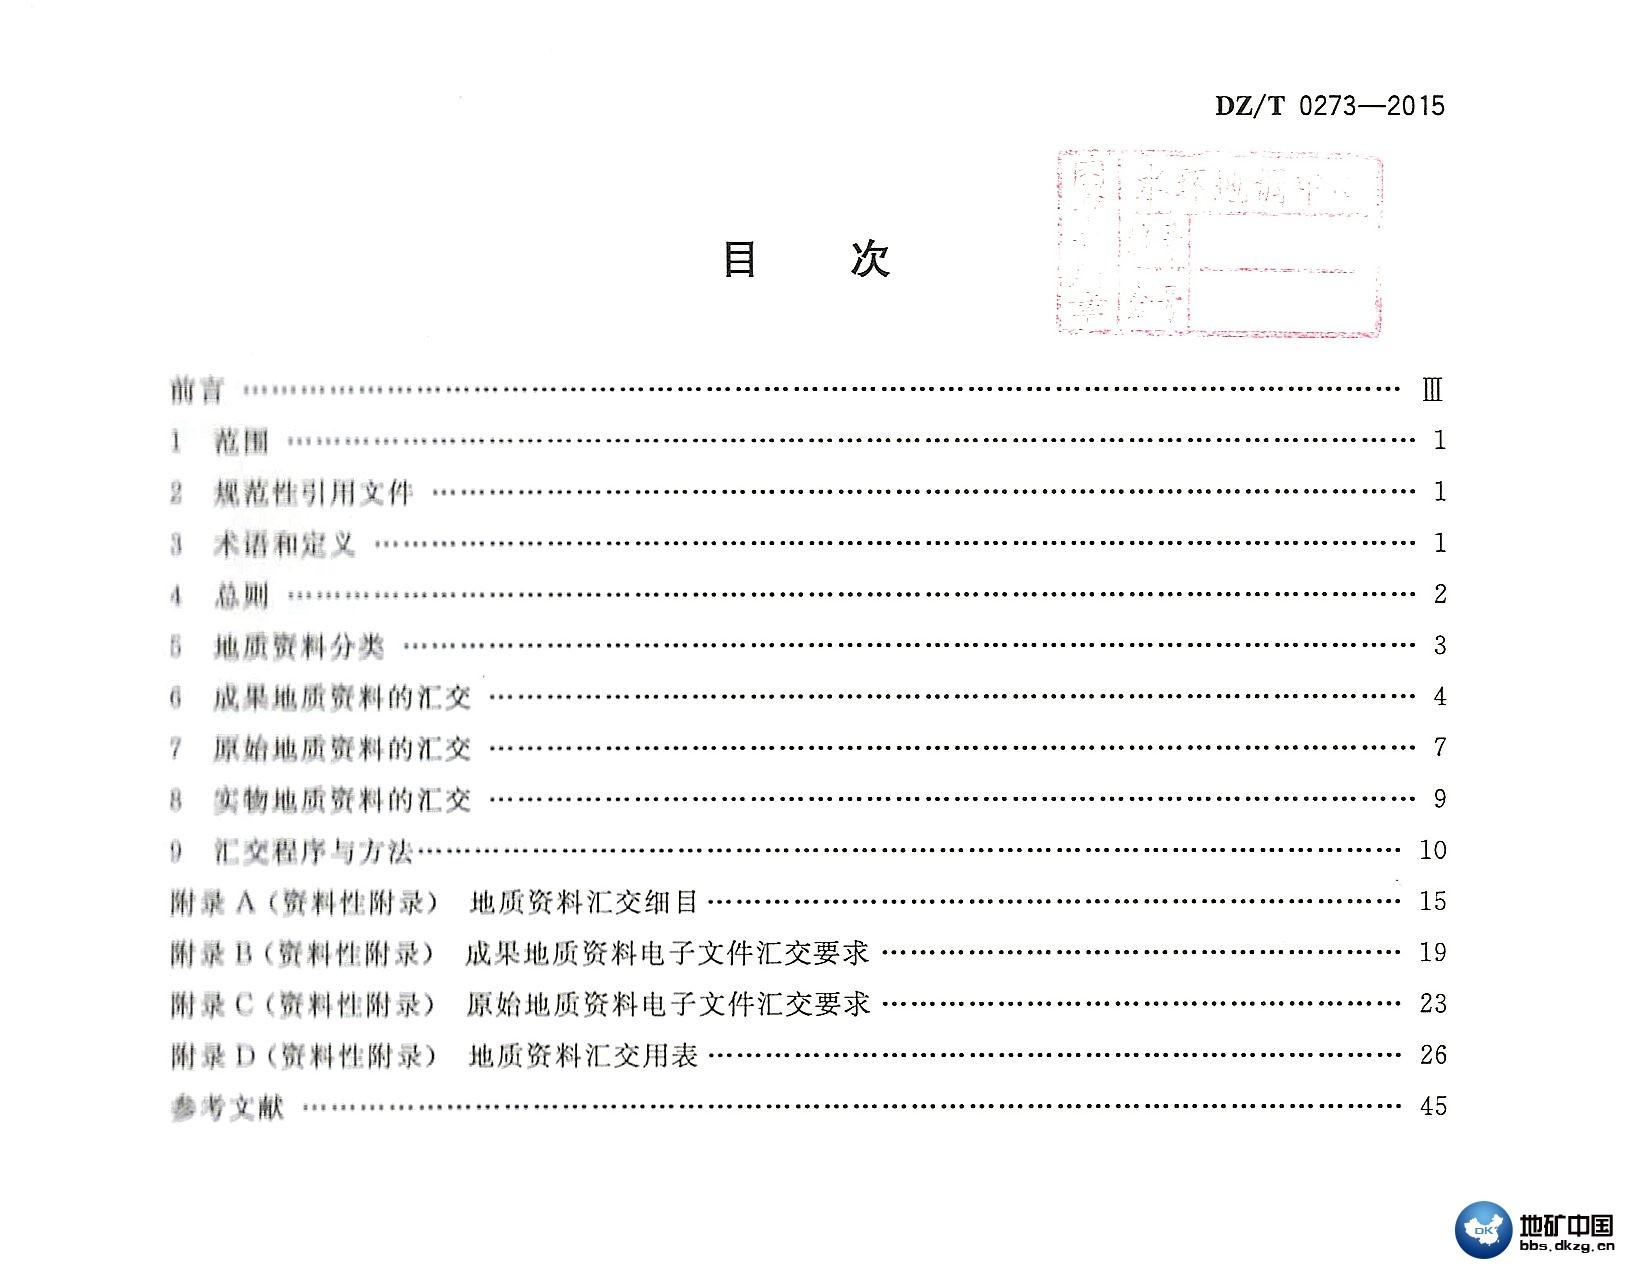 地质资料汇交规范DZ/T0273-2015  行业规范 地矿中国